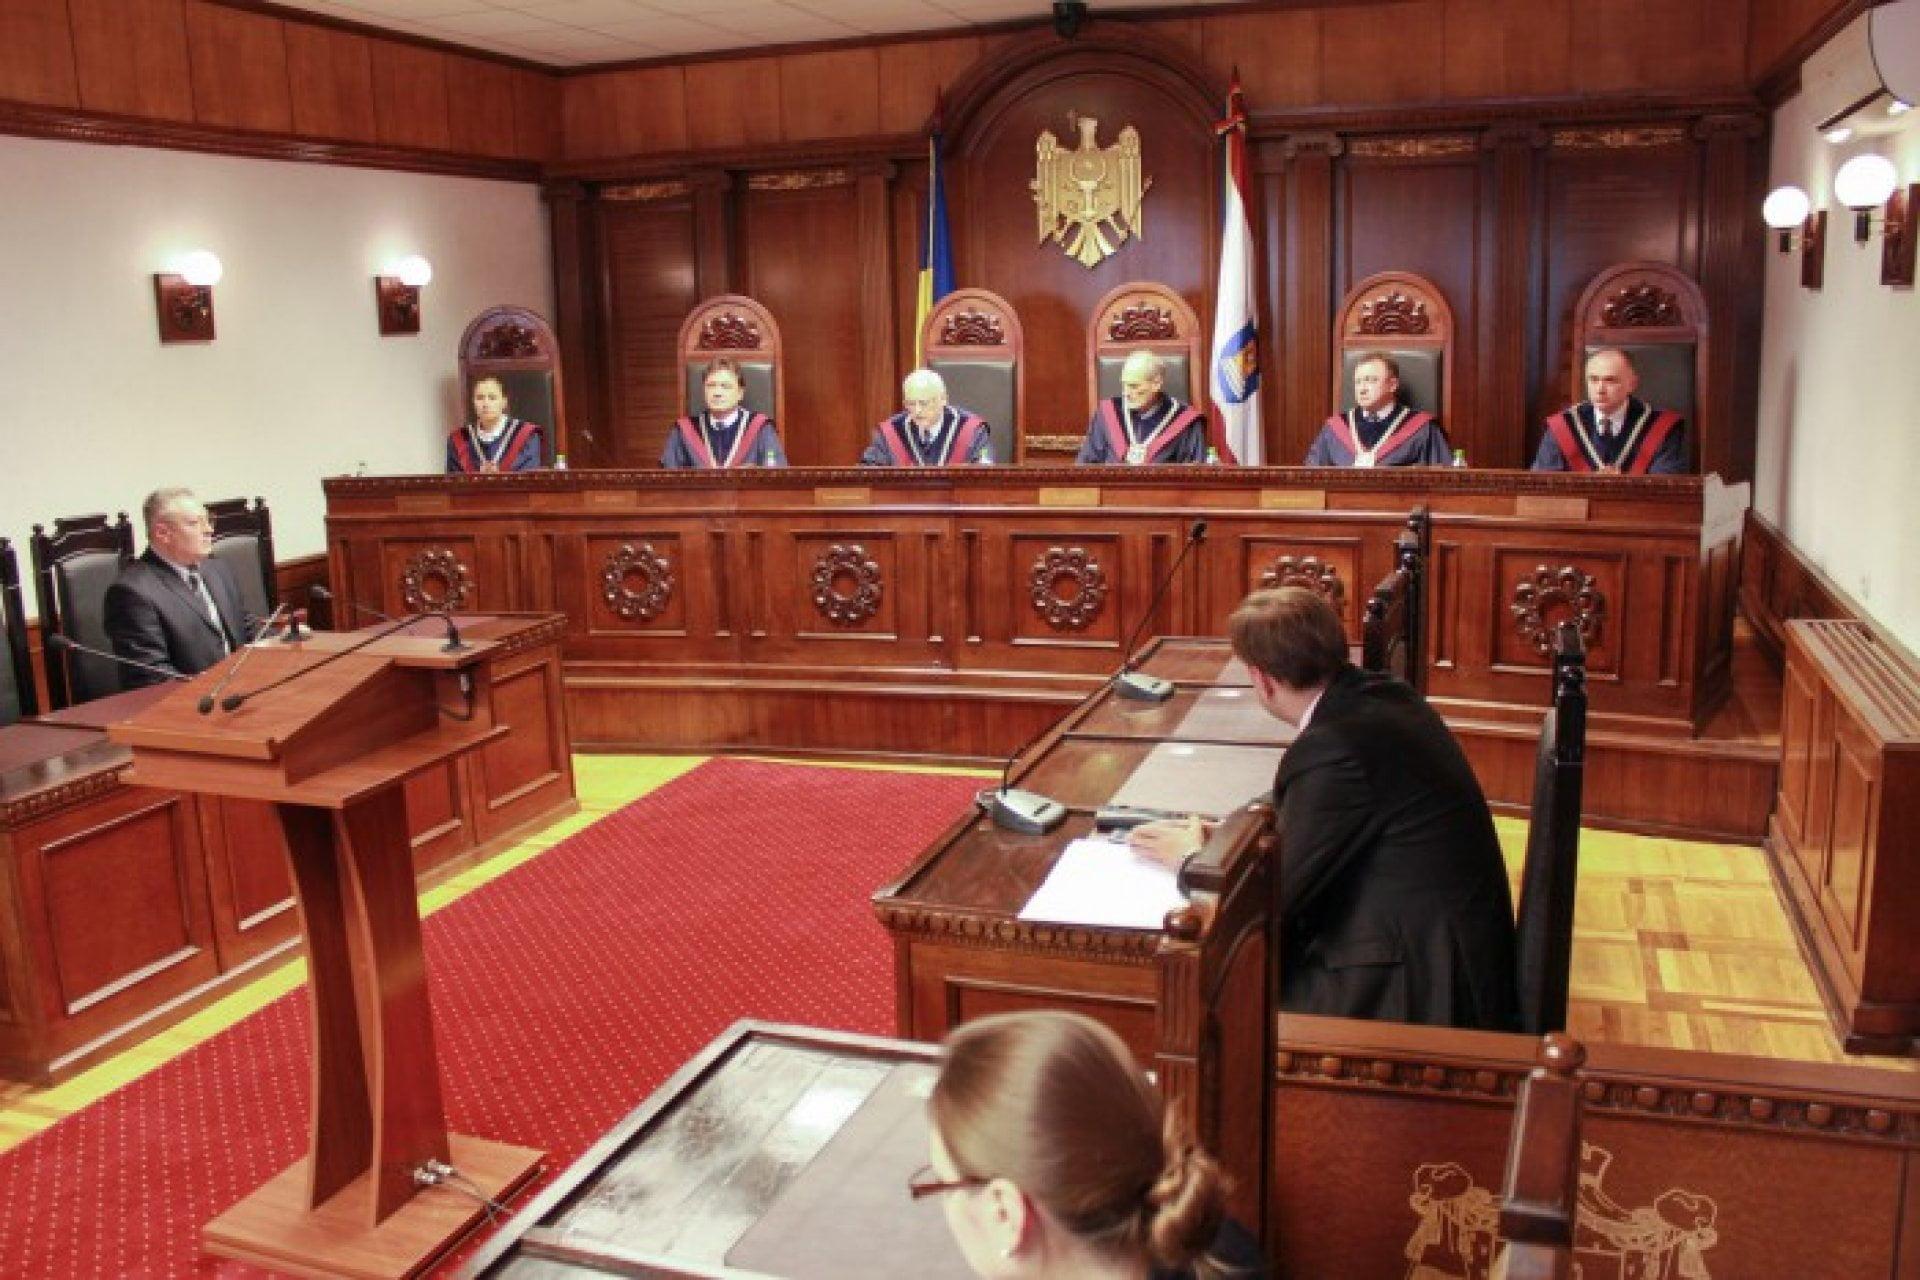 Решение Конституционного суда говорит о том, что ничего не изменилось после выборов. Институты остаются захваченными и контролируемыми Плахотнюком